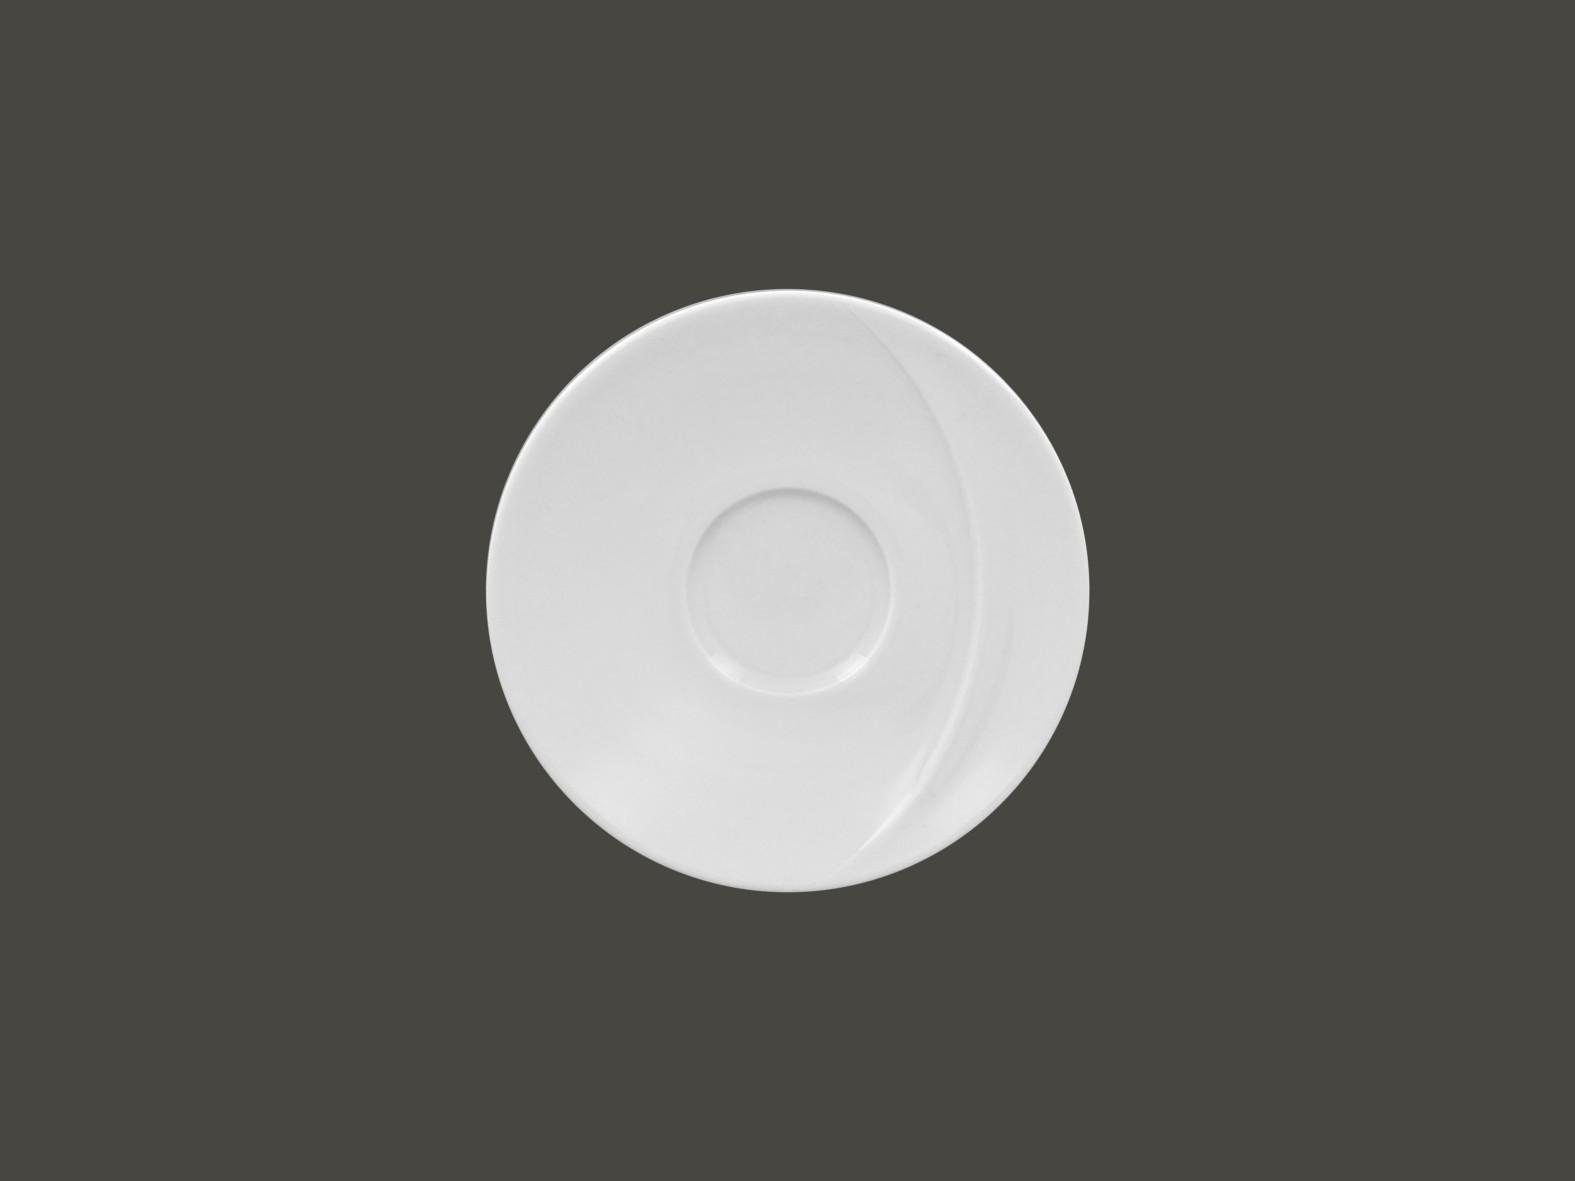 Moon podšálek 15,8 cm pro šálky, hrnek a misky